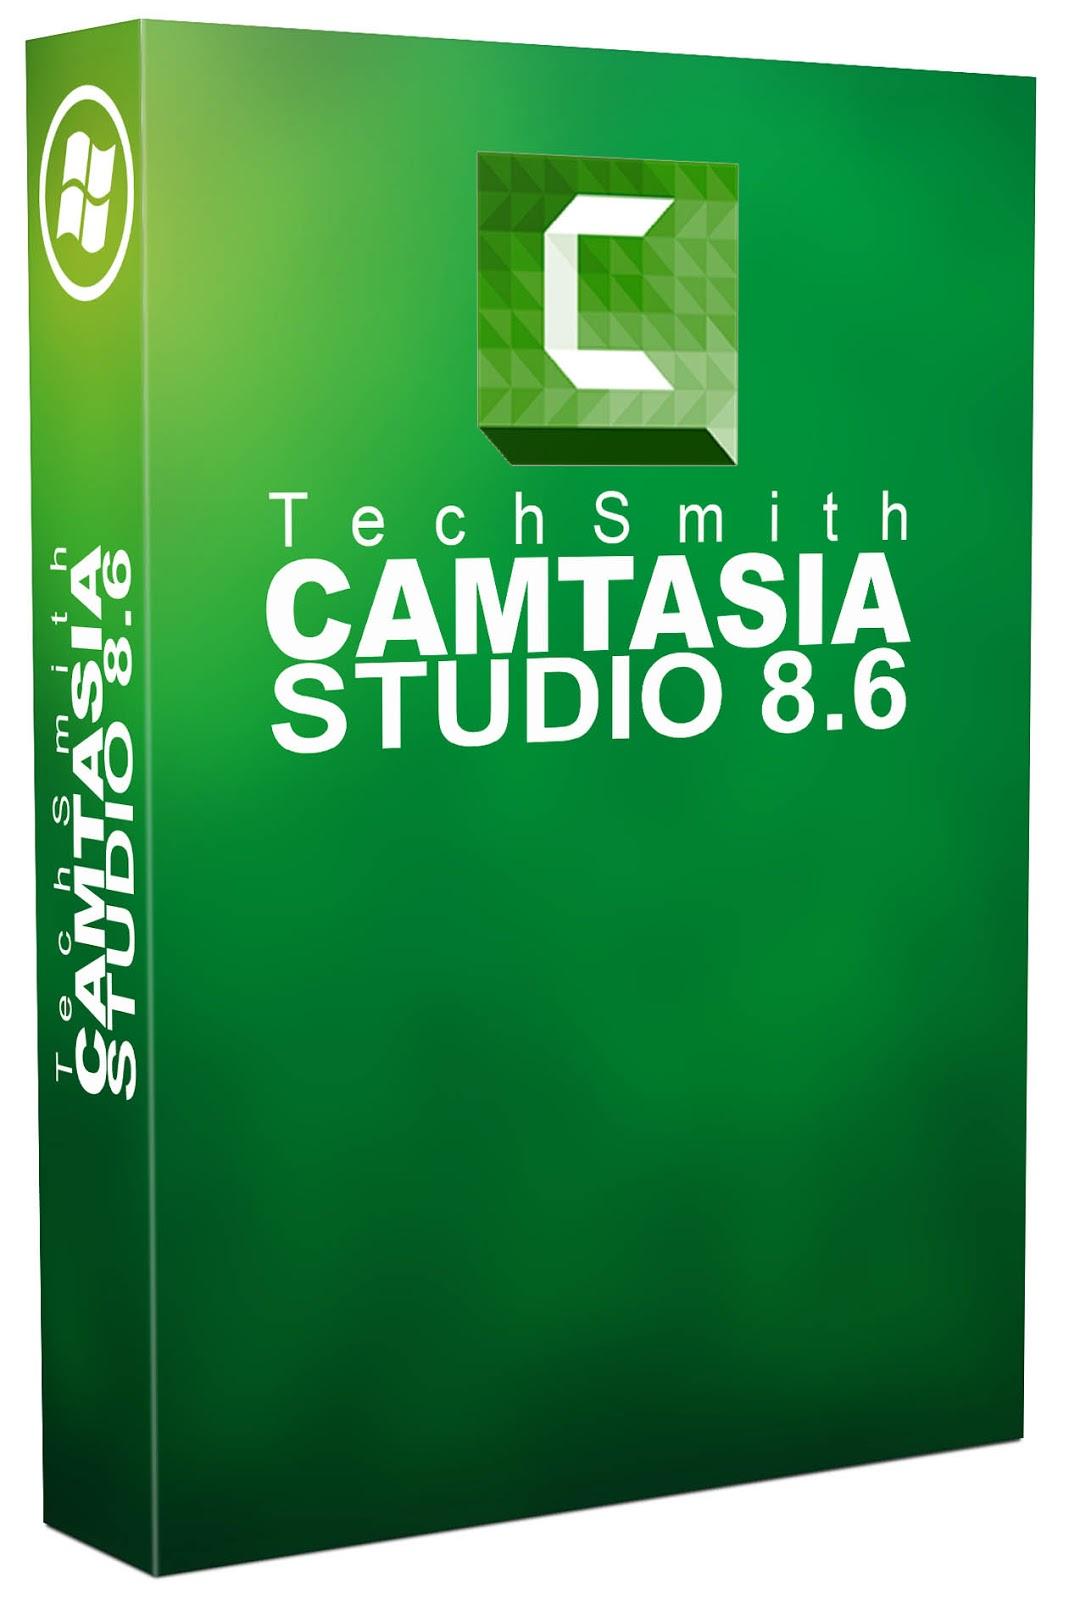 Camatasia Studio 8.6